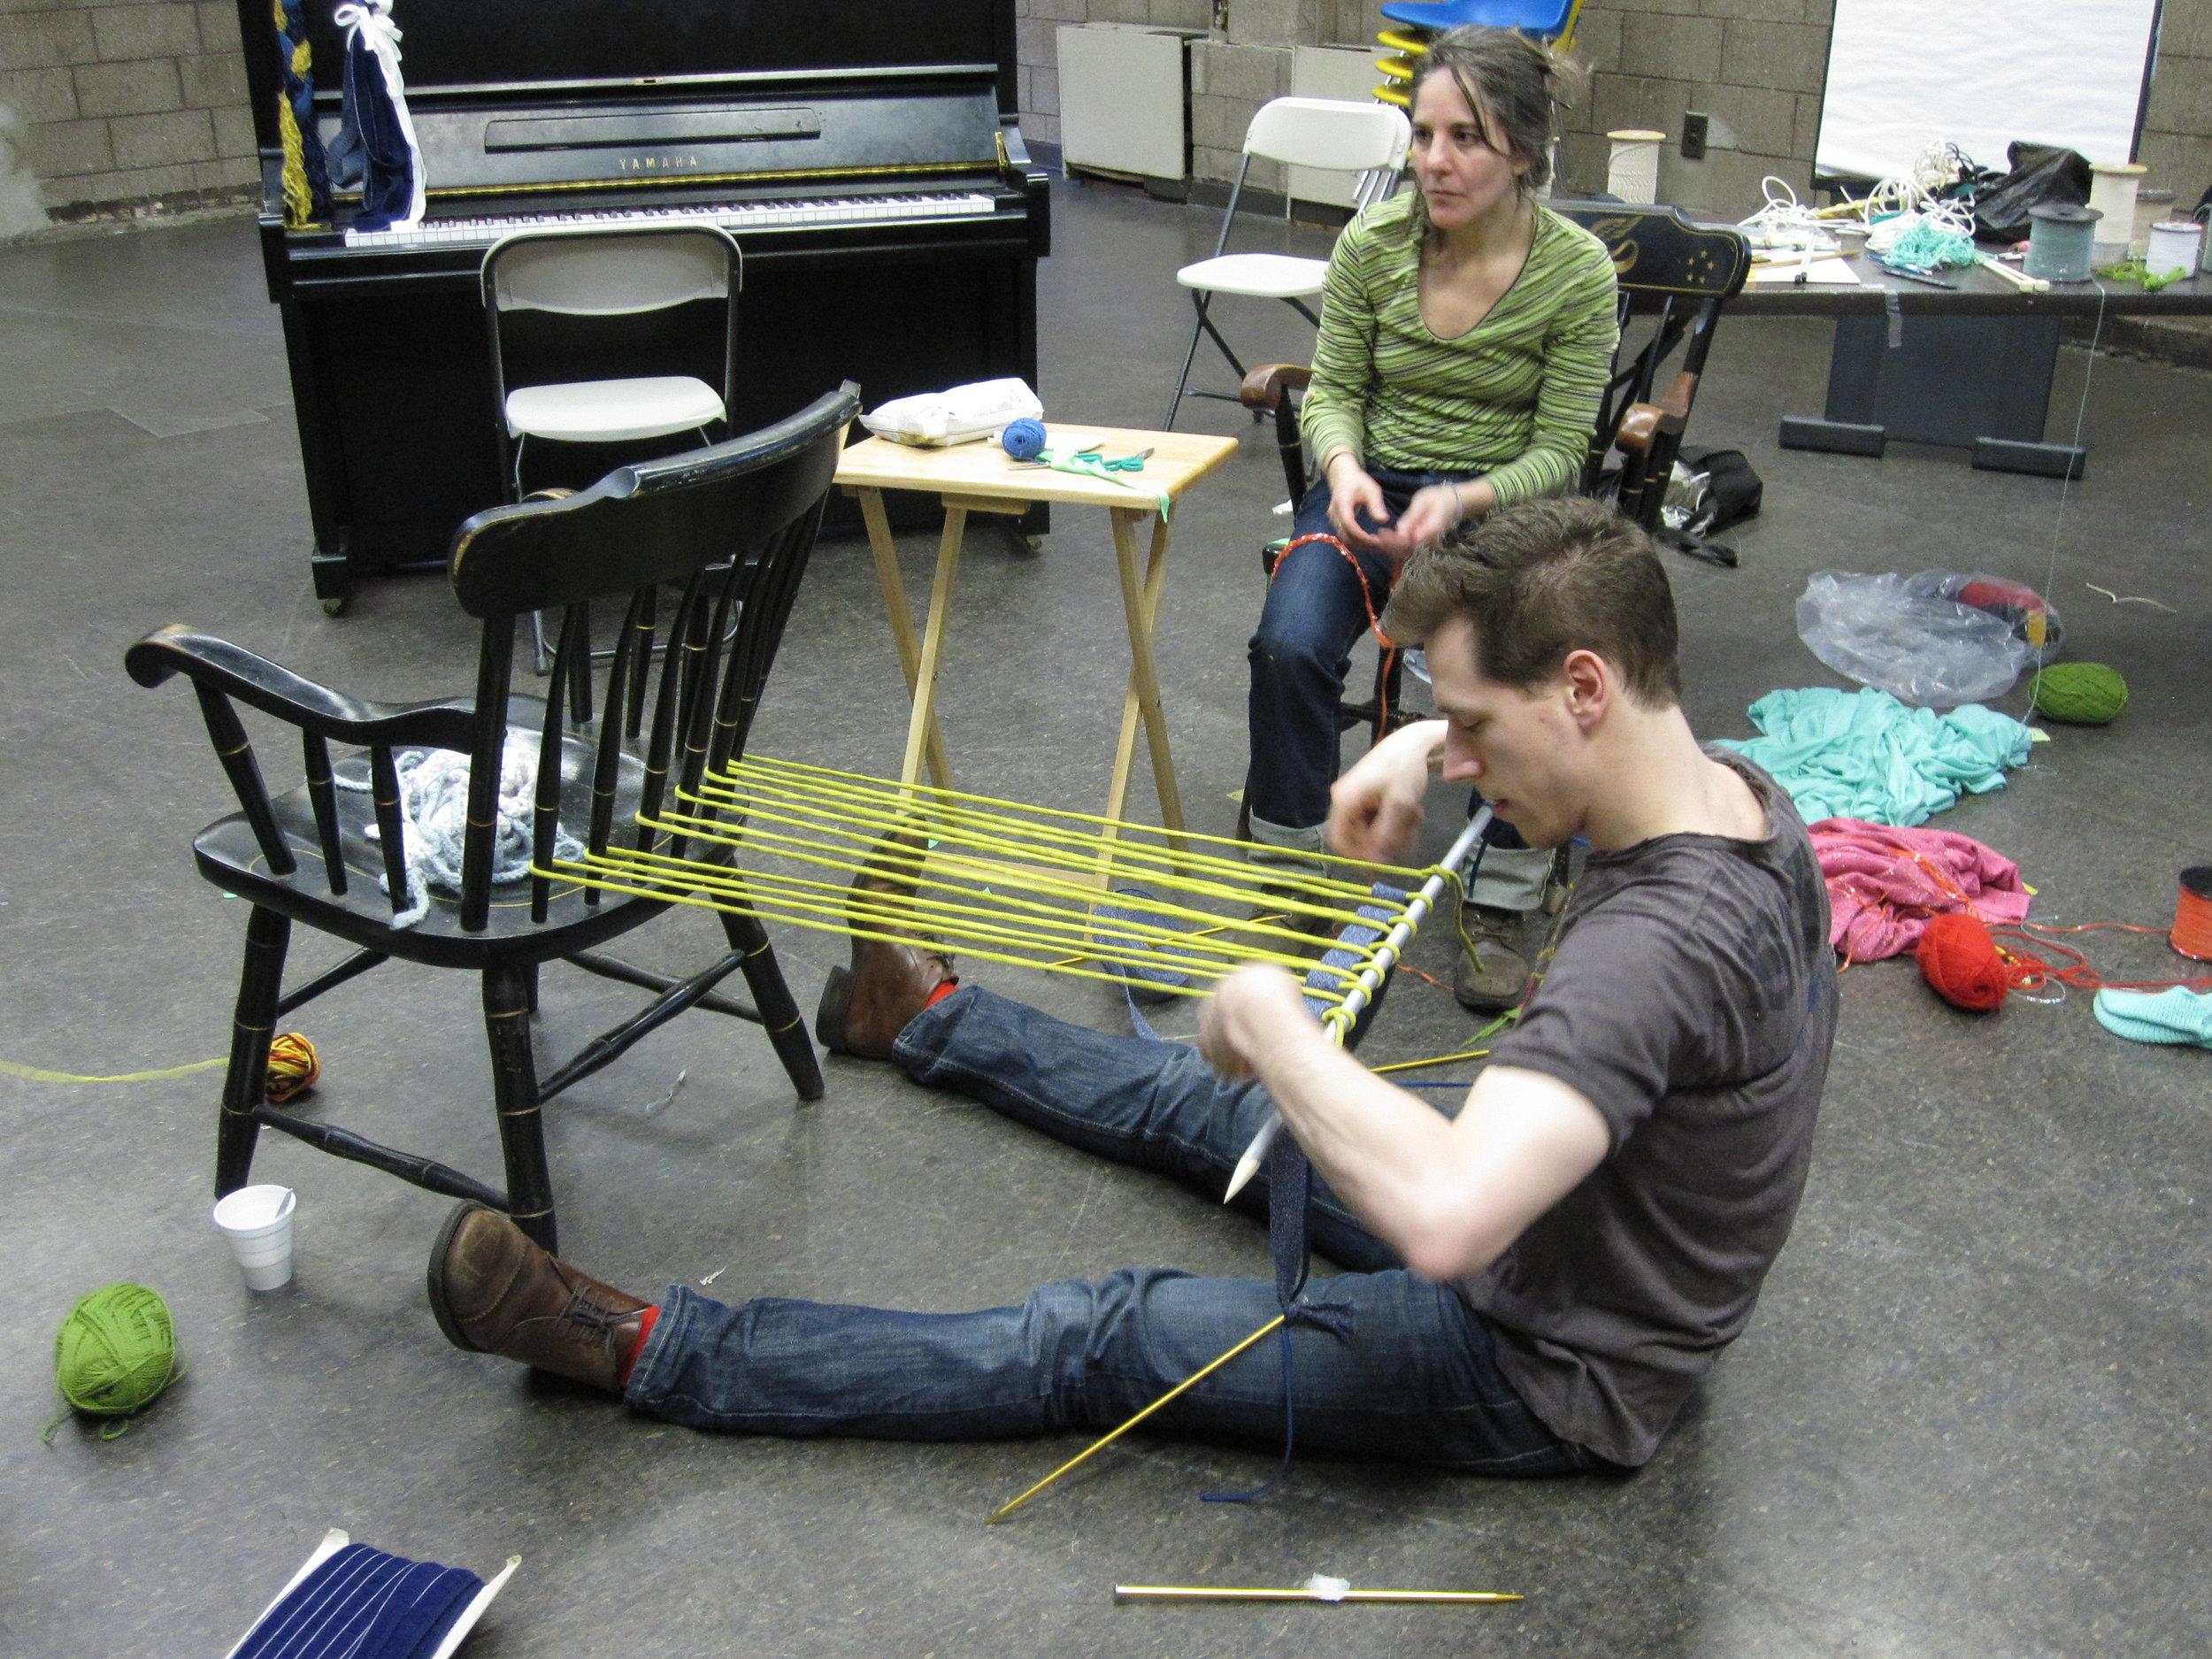 knittingmarathon10_4314459827_o.jpg